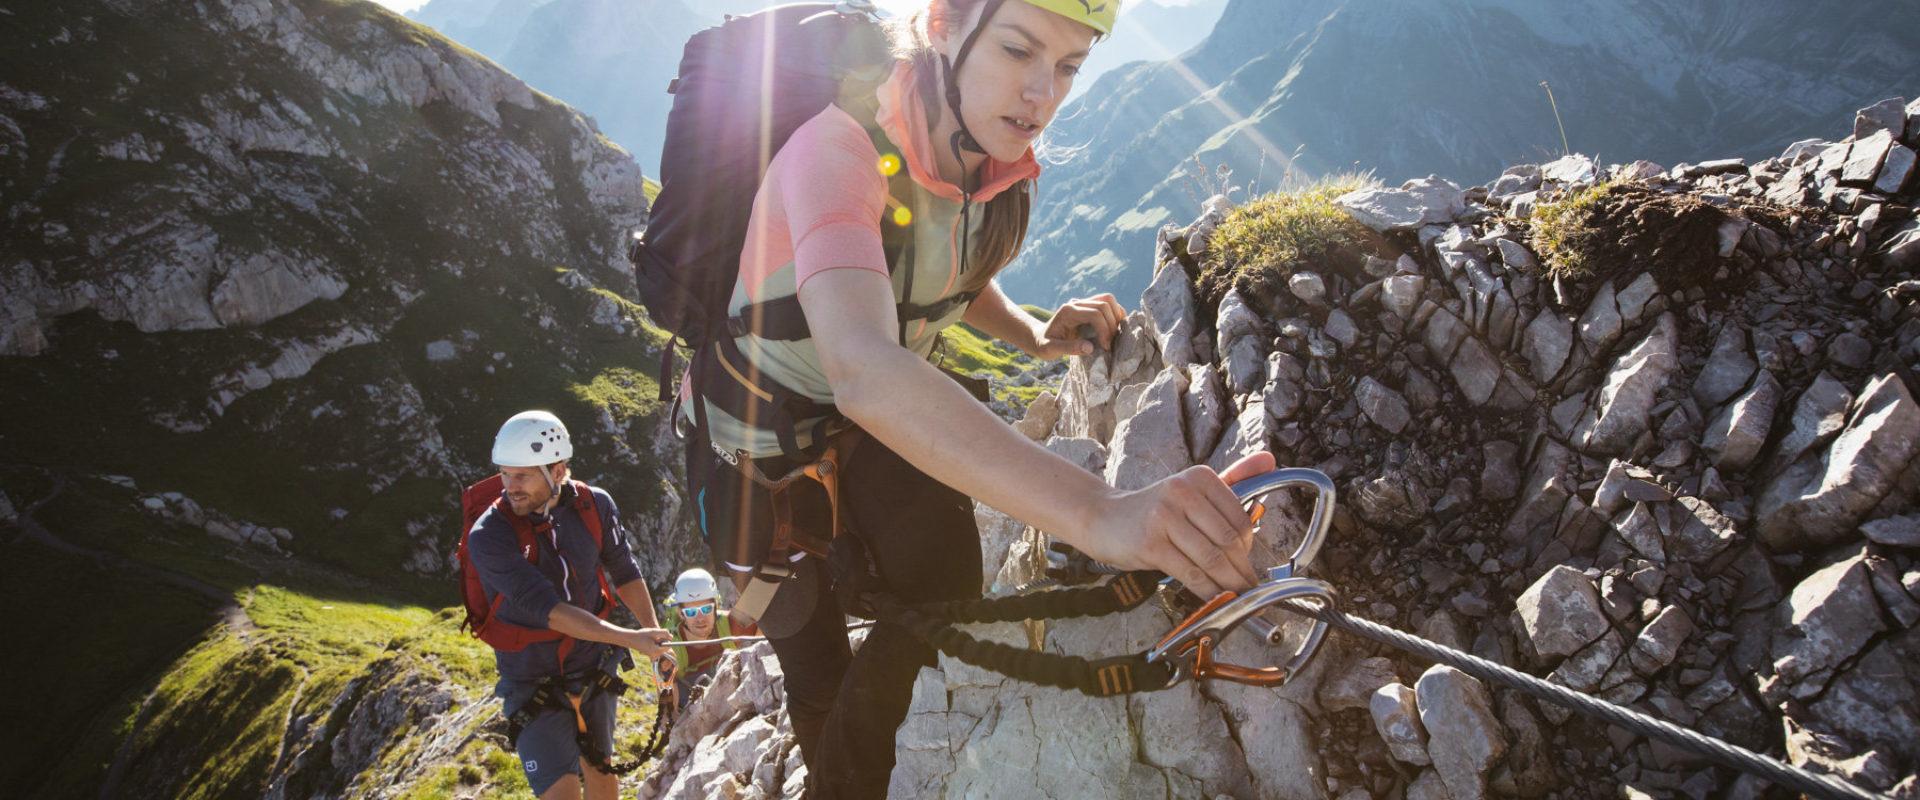 Klettersteig Karhorn in Warth-Schröcken © Sebastian Stiphout undefined